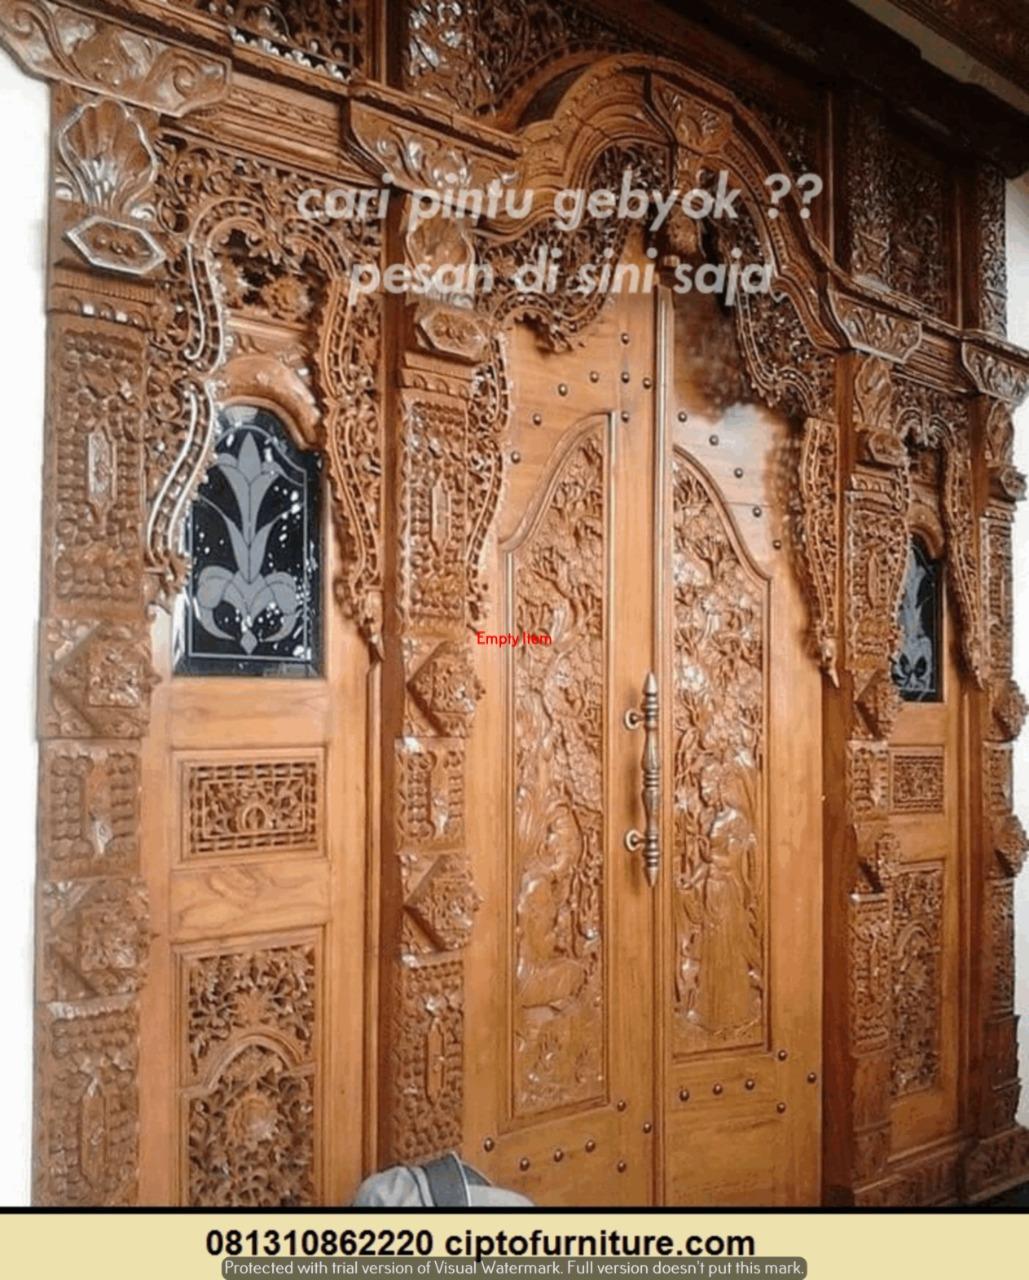 Kumpulan Desain Pintu Gebyok Terbaru | Produsen Pintu ...